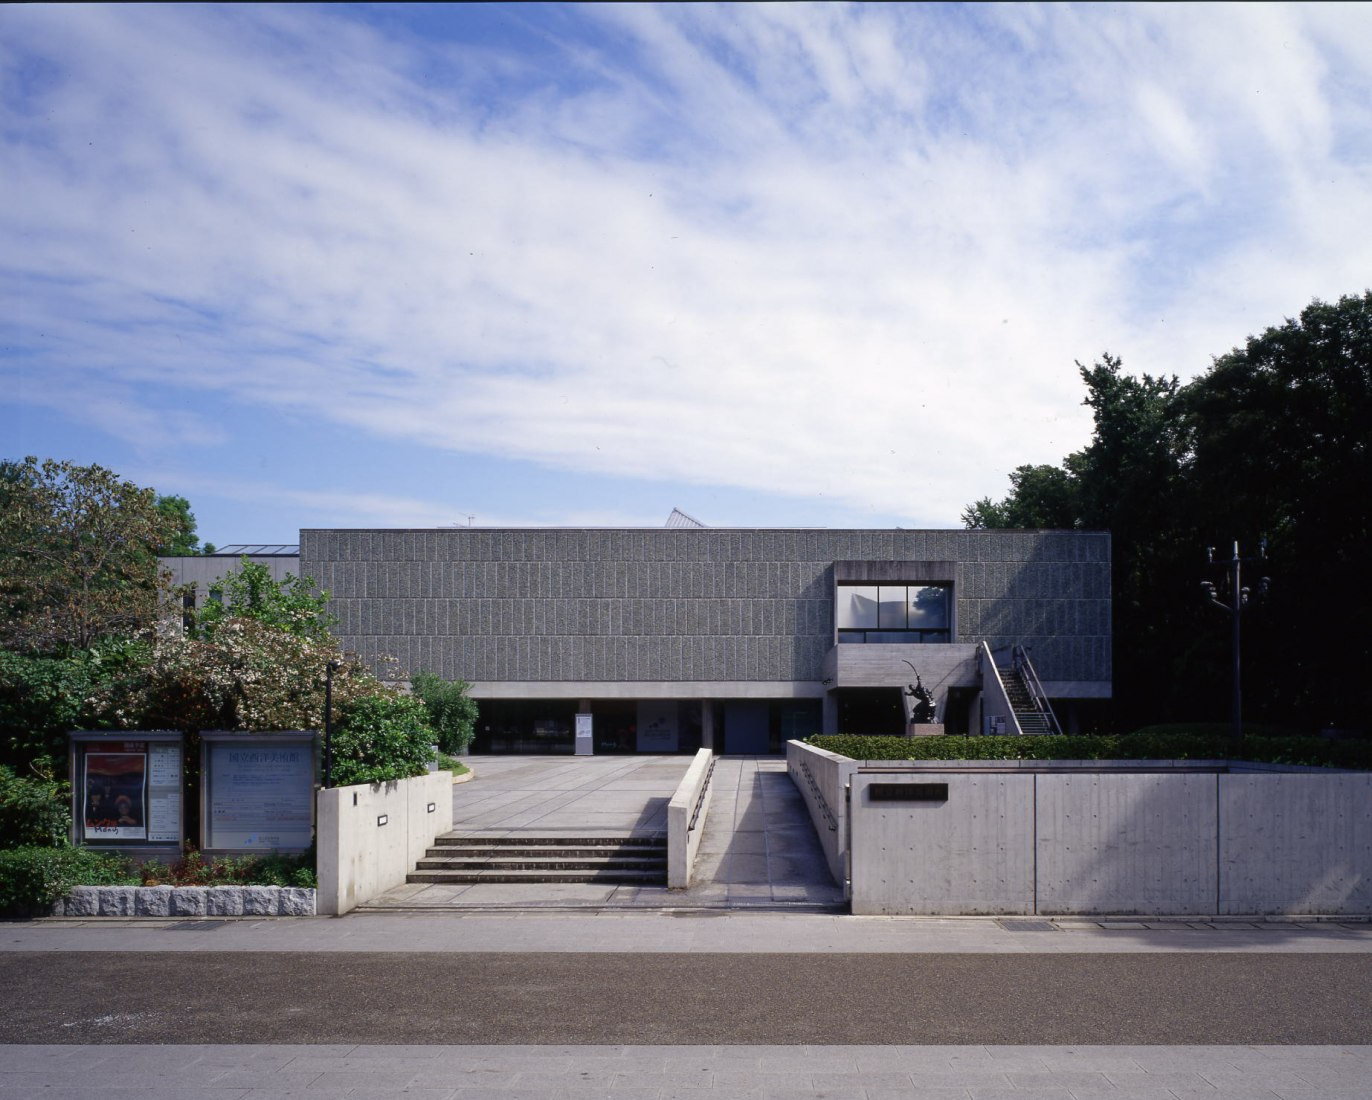 Museo Nacional de Arte Occidental, Tokio. Crédito de la foto: Museo Nacional de Arte Occidental